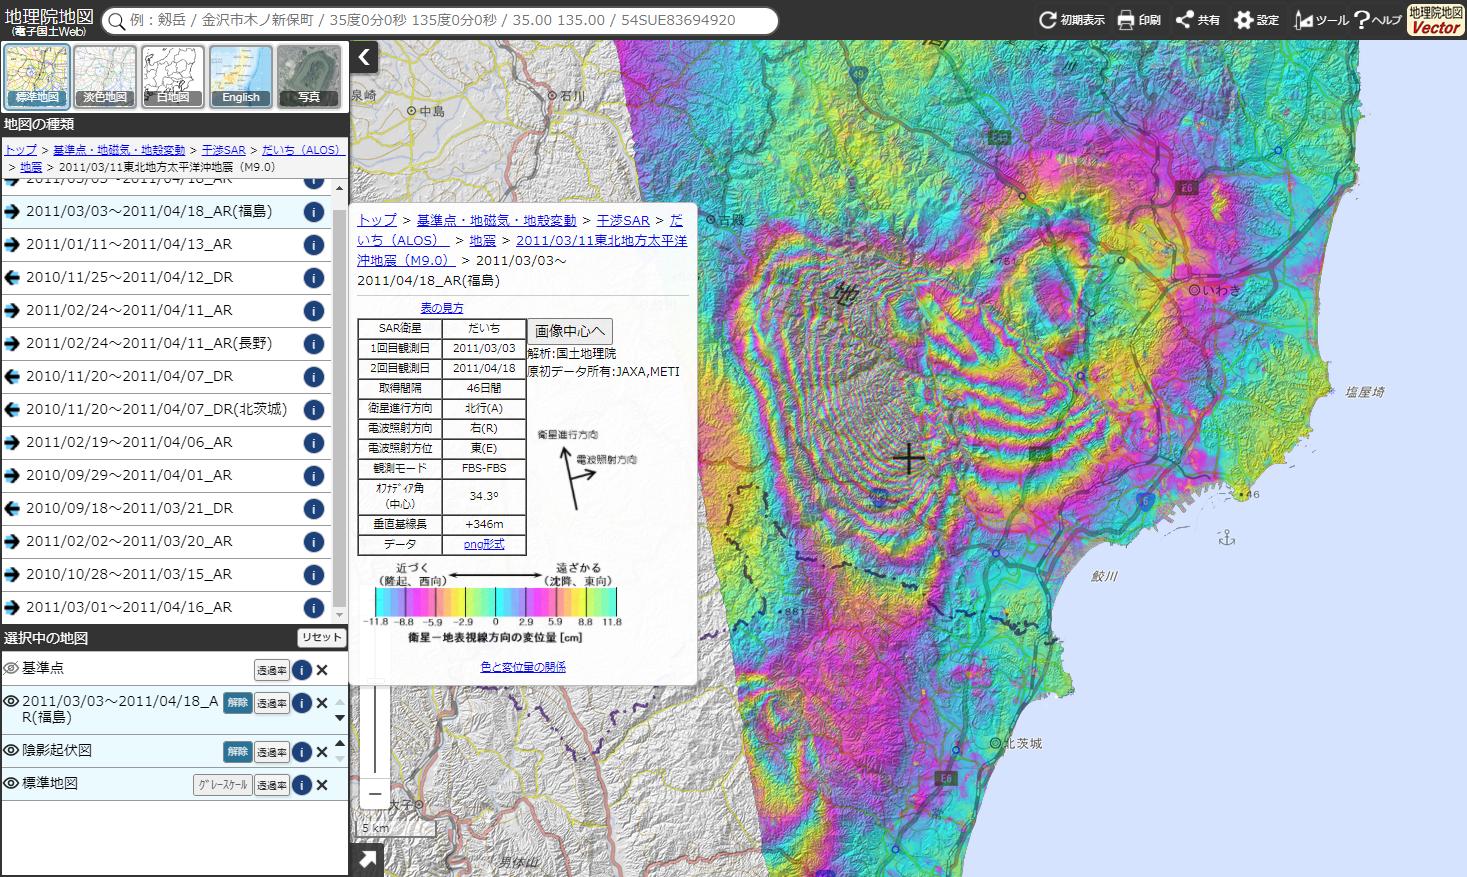 平成23年(2011年)4月11日福島県浜通りの地震(M7.0)に伴う地殻変動 ...